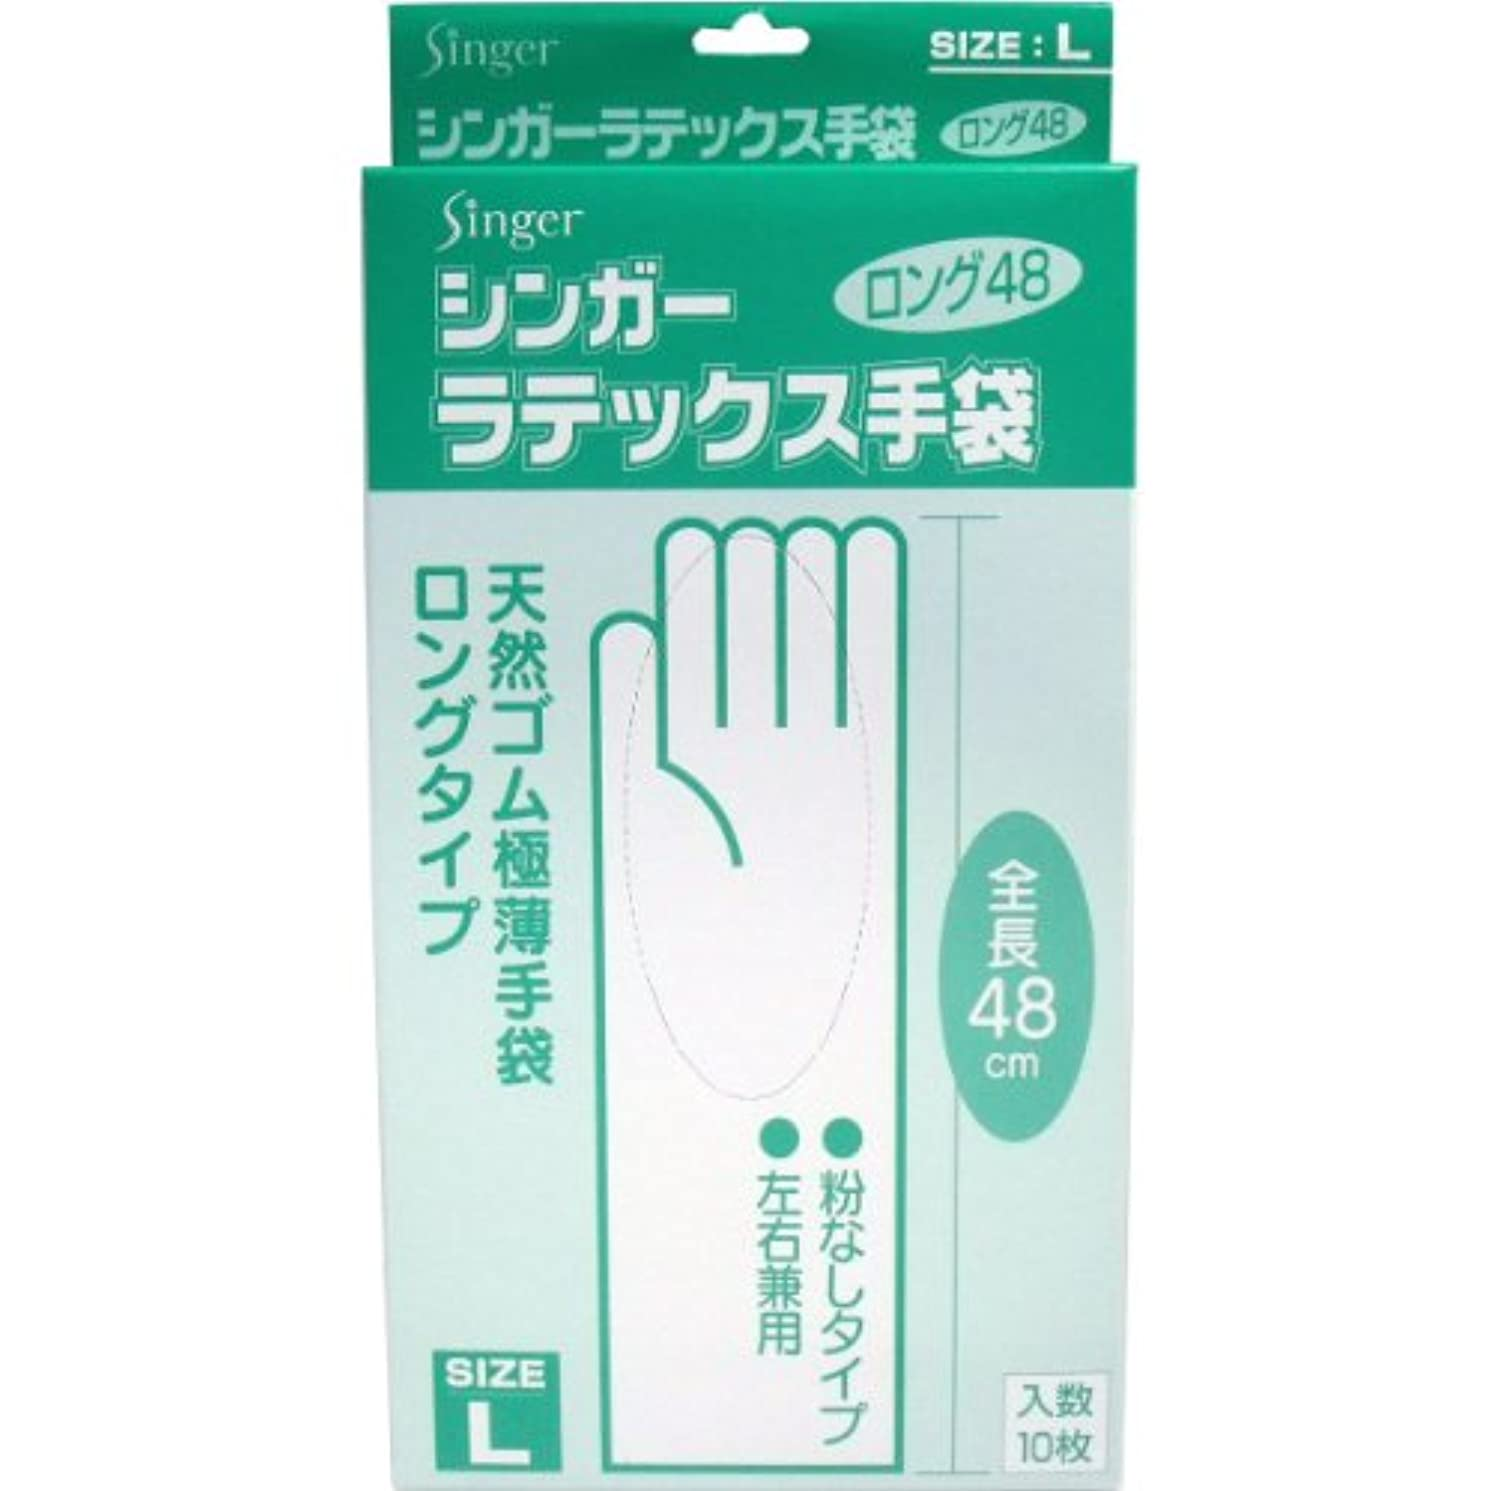 シェーバーリムスイシンガーラテックス手袋 天然ゴム極薄手袋 ロングタイプ Lサイズ 10枚入【5個セット】